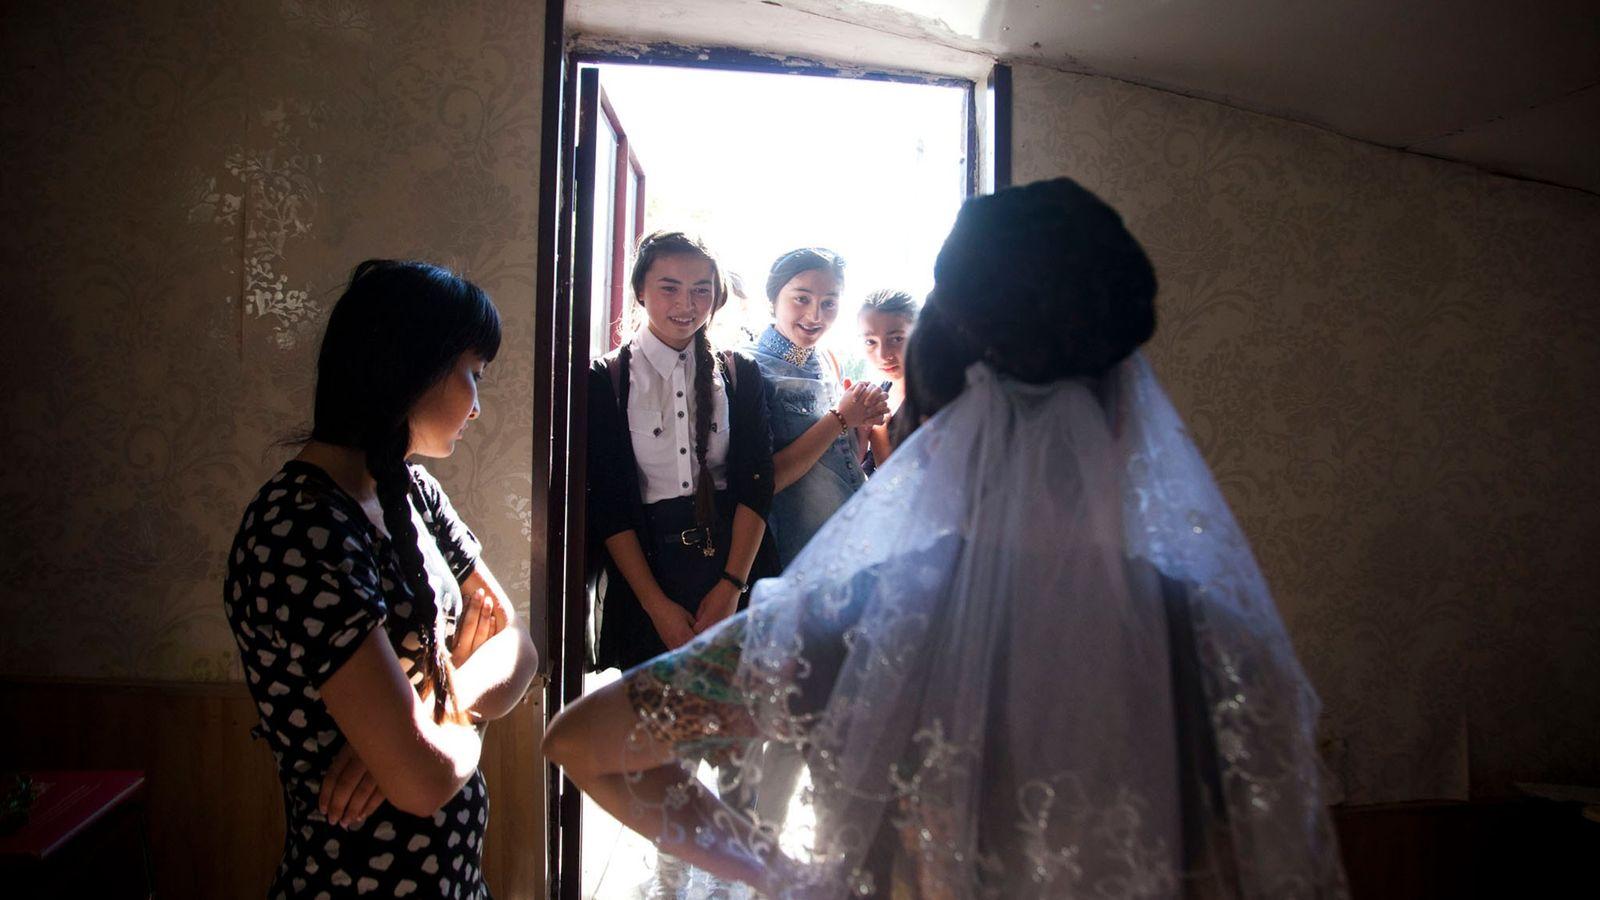 Foto von jungen Mädchen, die das Hochzeitskleid ihrer Freundin bewundern